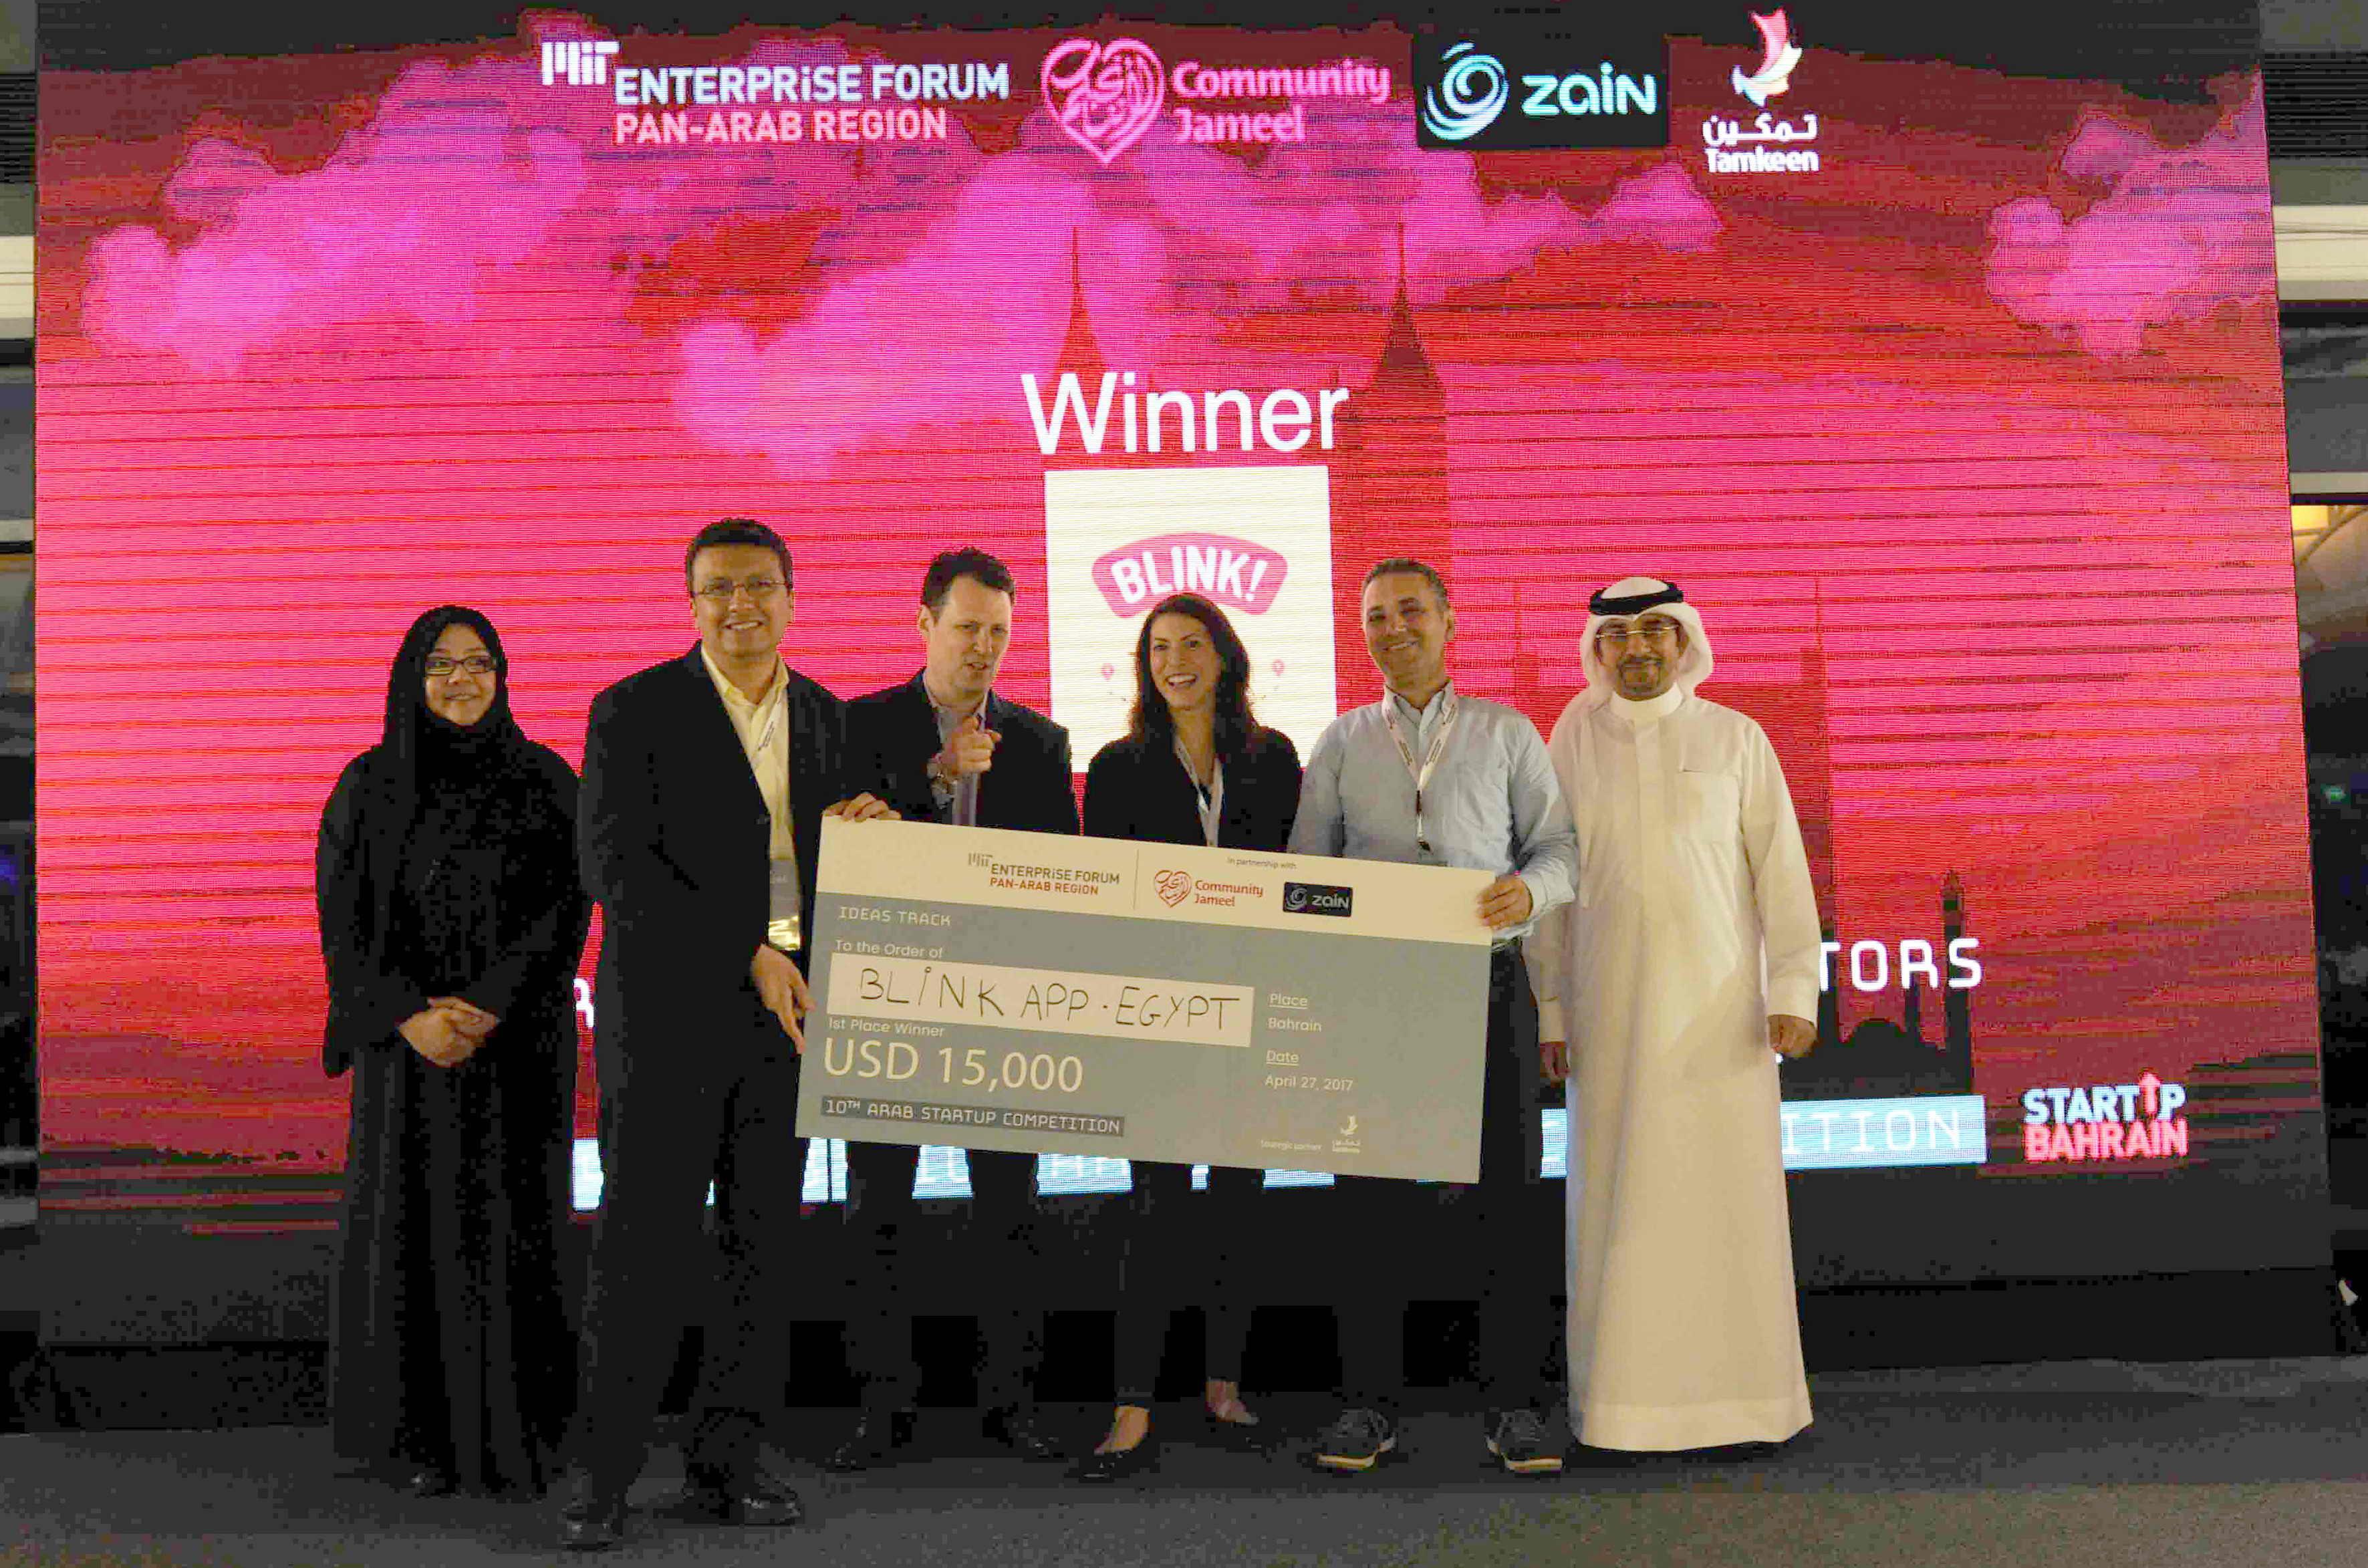 MIT Enterprise Forum Arab Startup Competition winner's